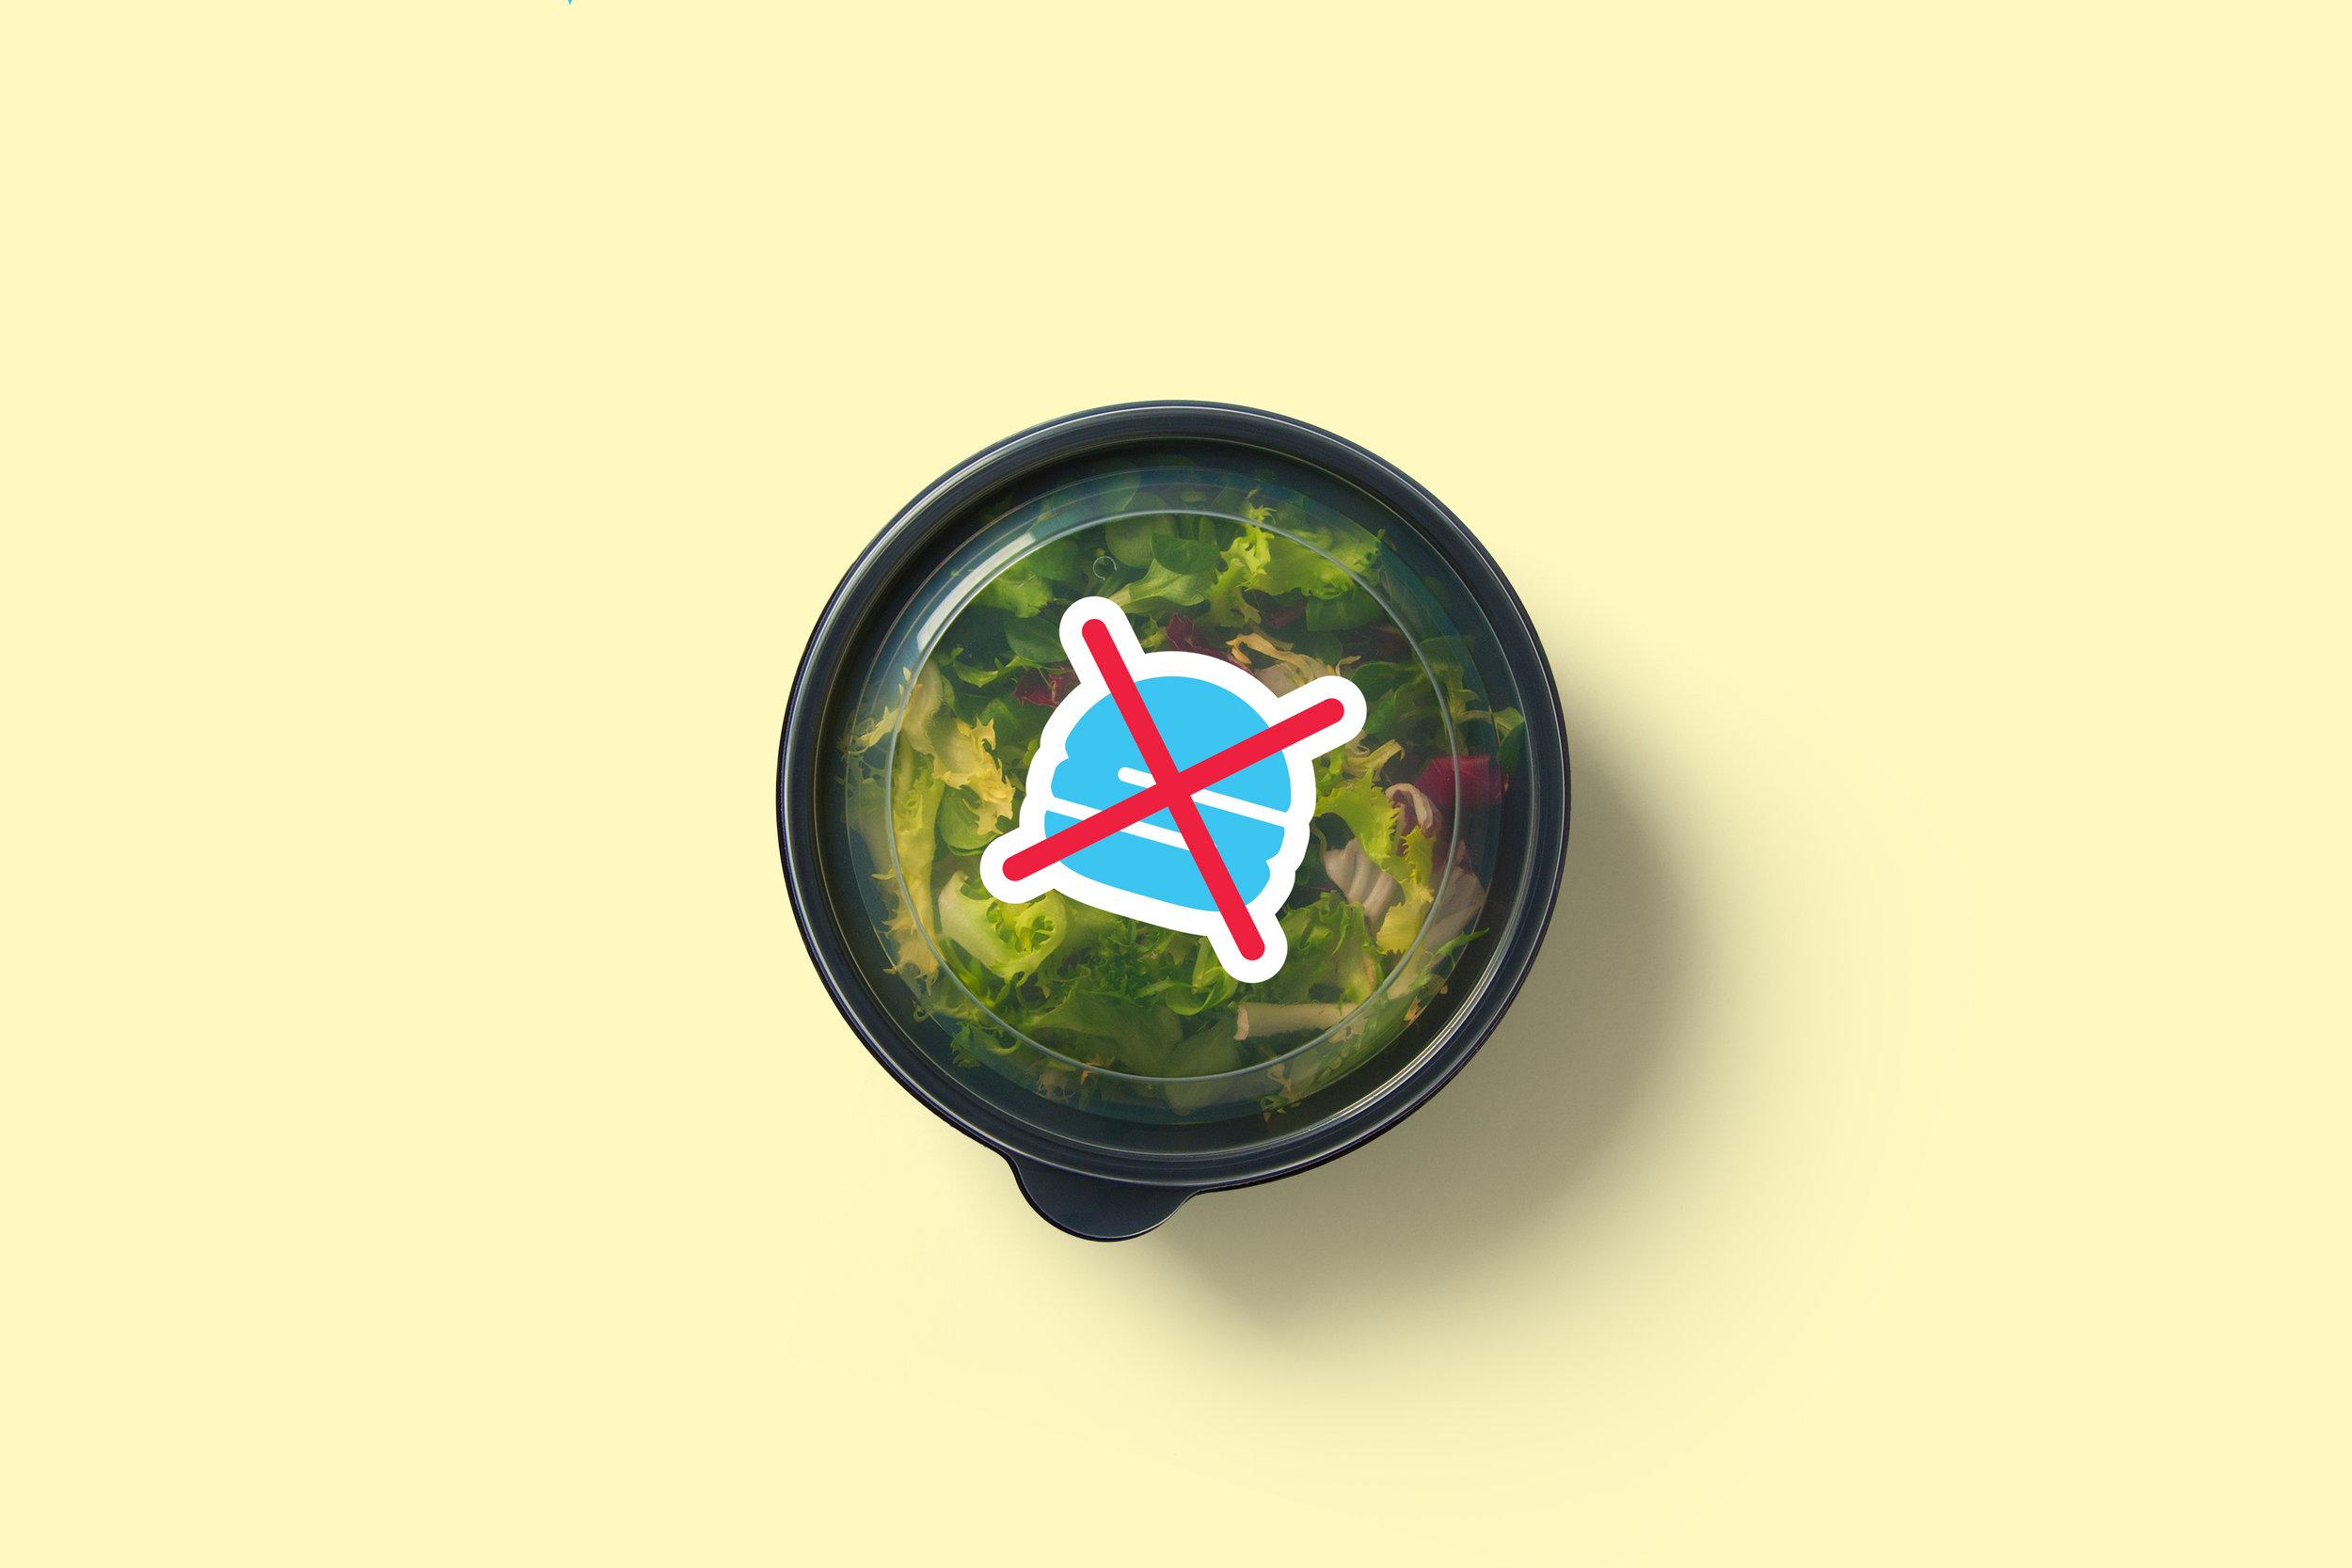 Samburger_Salad.jpg